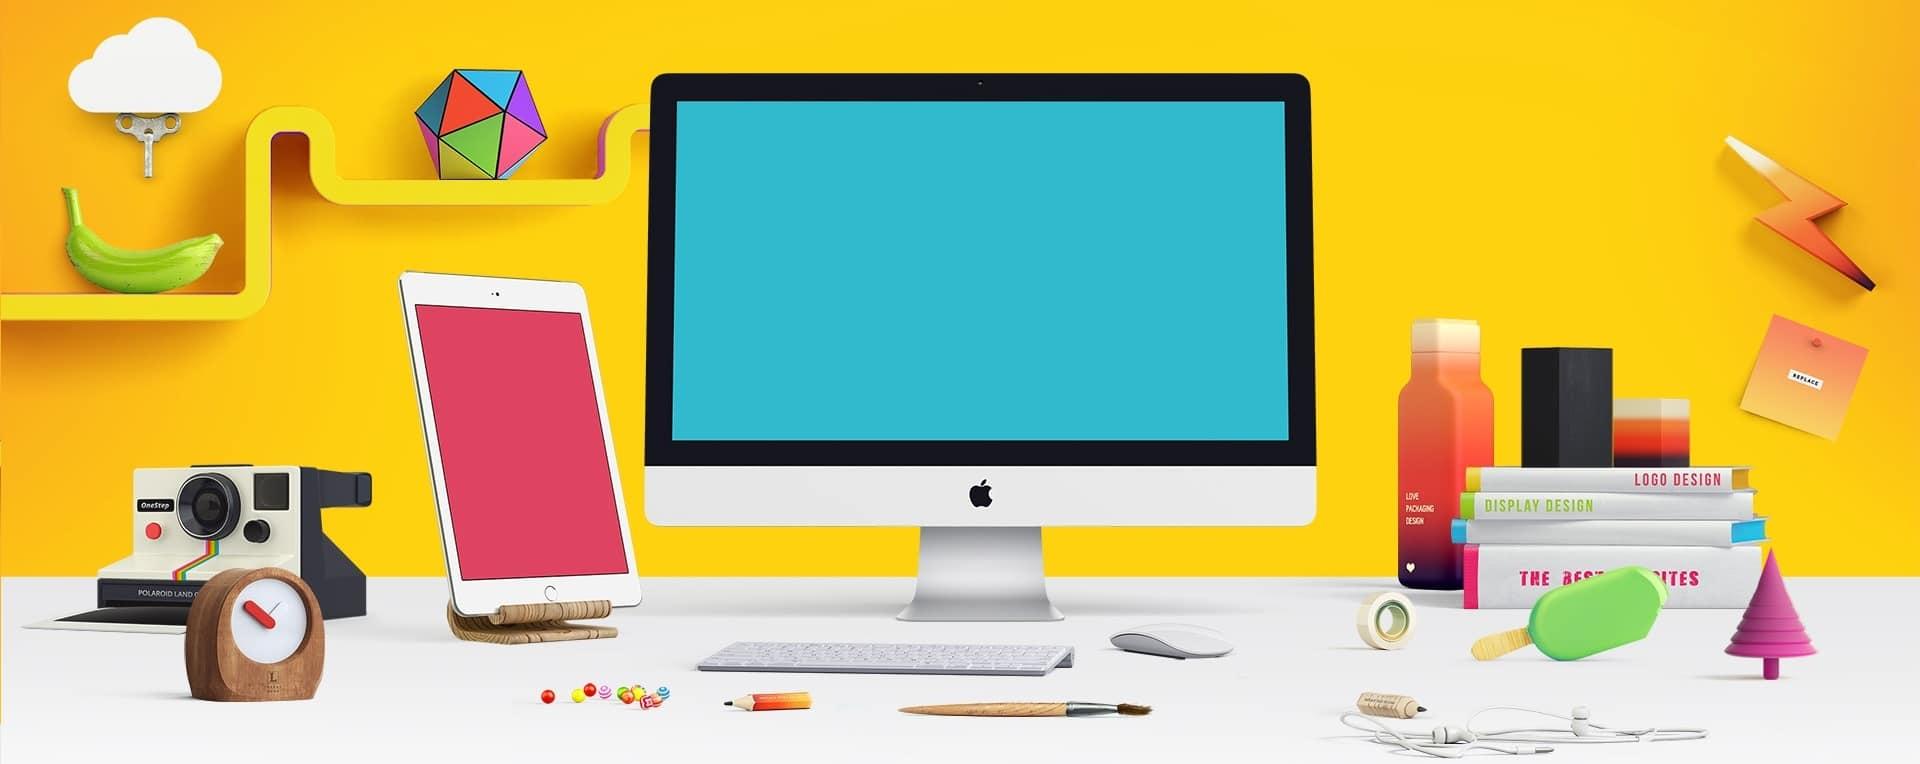 Corporate Website Design Services